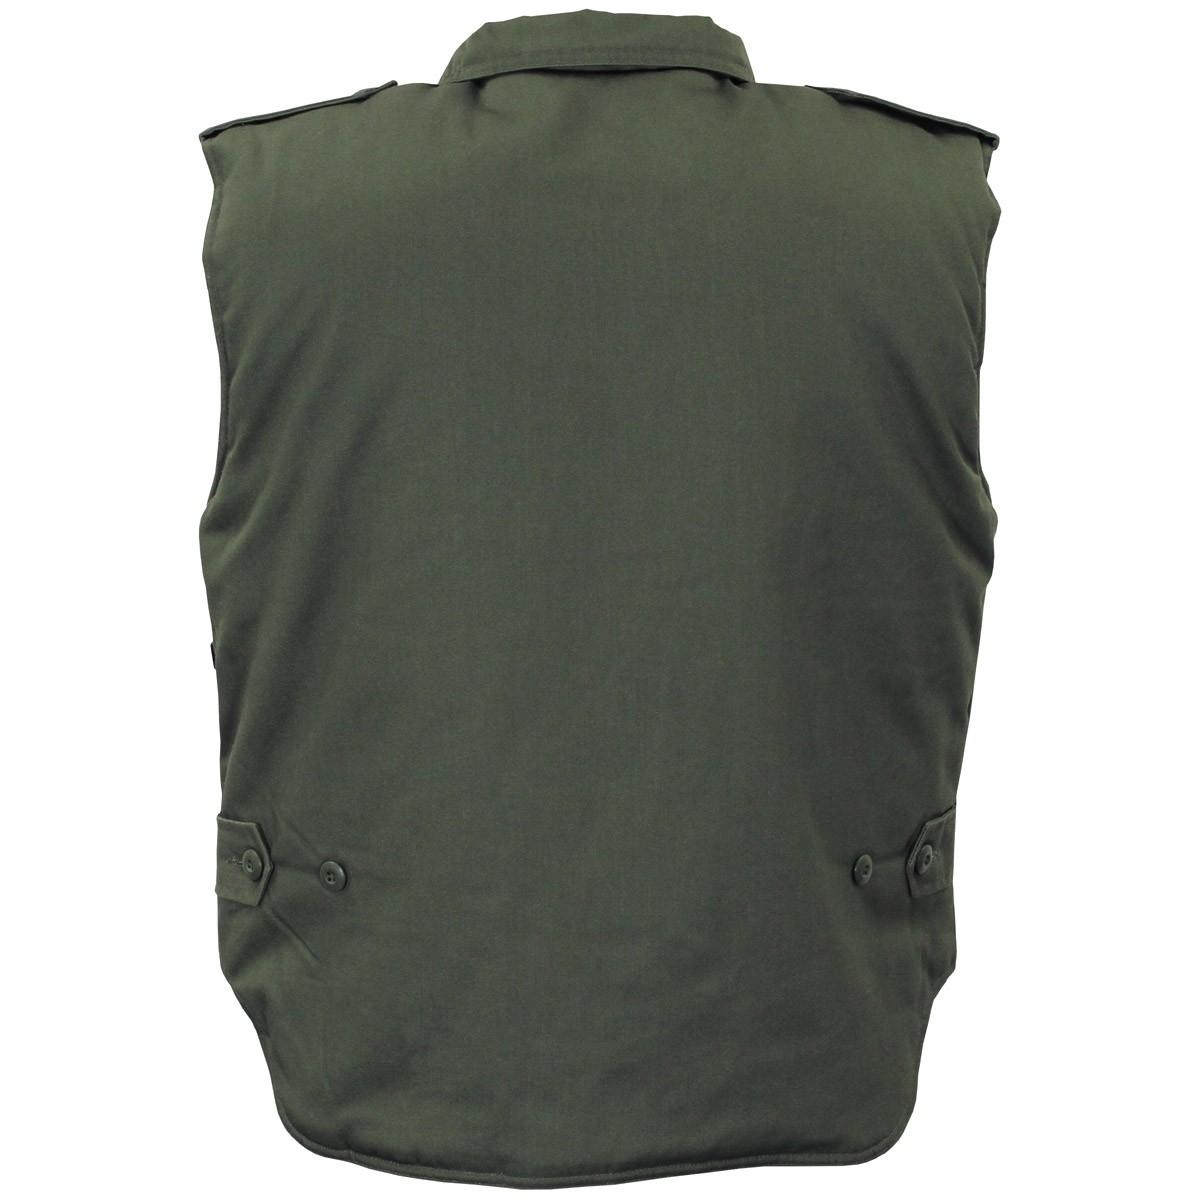 Ranger Oliv gef/üttert mit vielen Taschen MFH US Steppweste